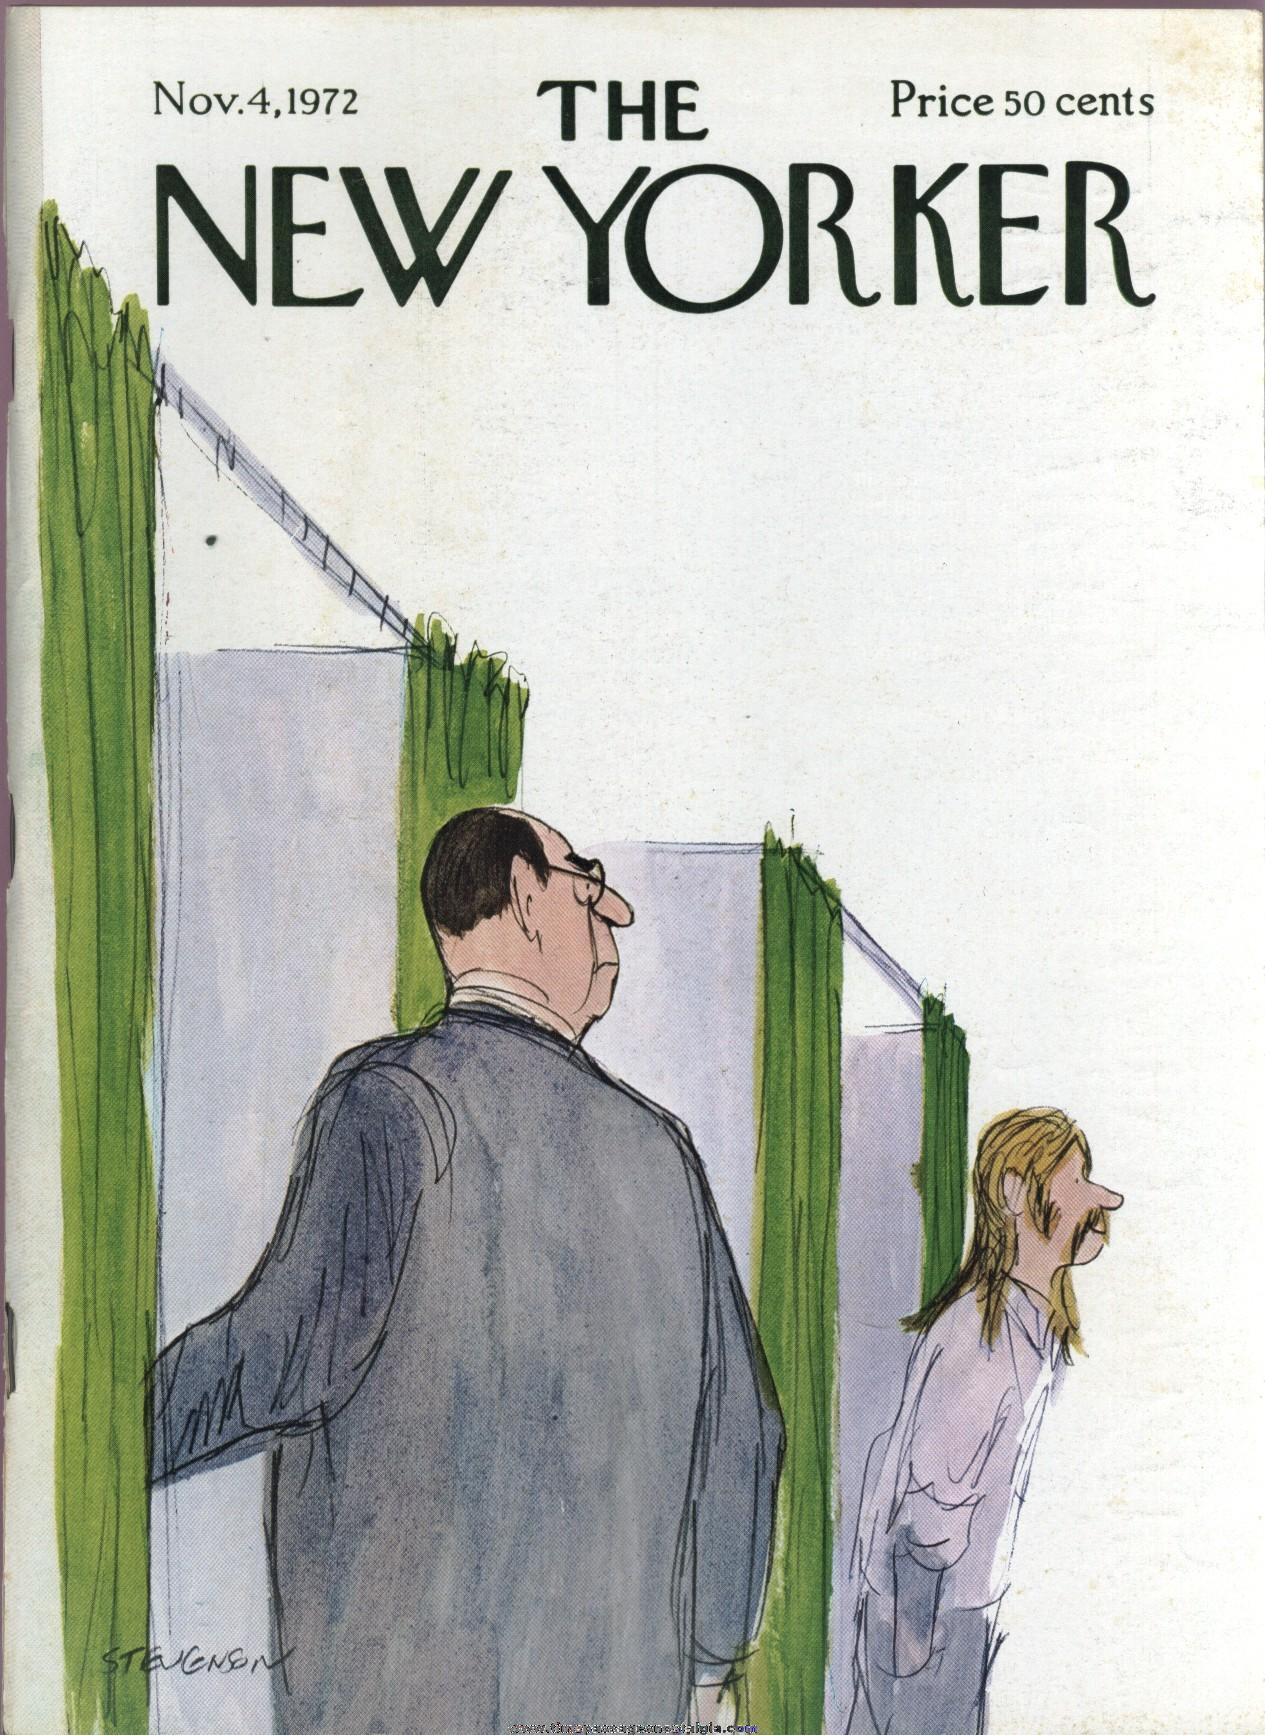 New Yorker Magazine - November 4, 1972 - Cover by James Stevenson